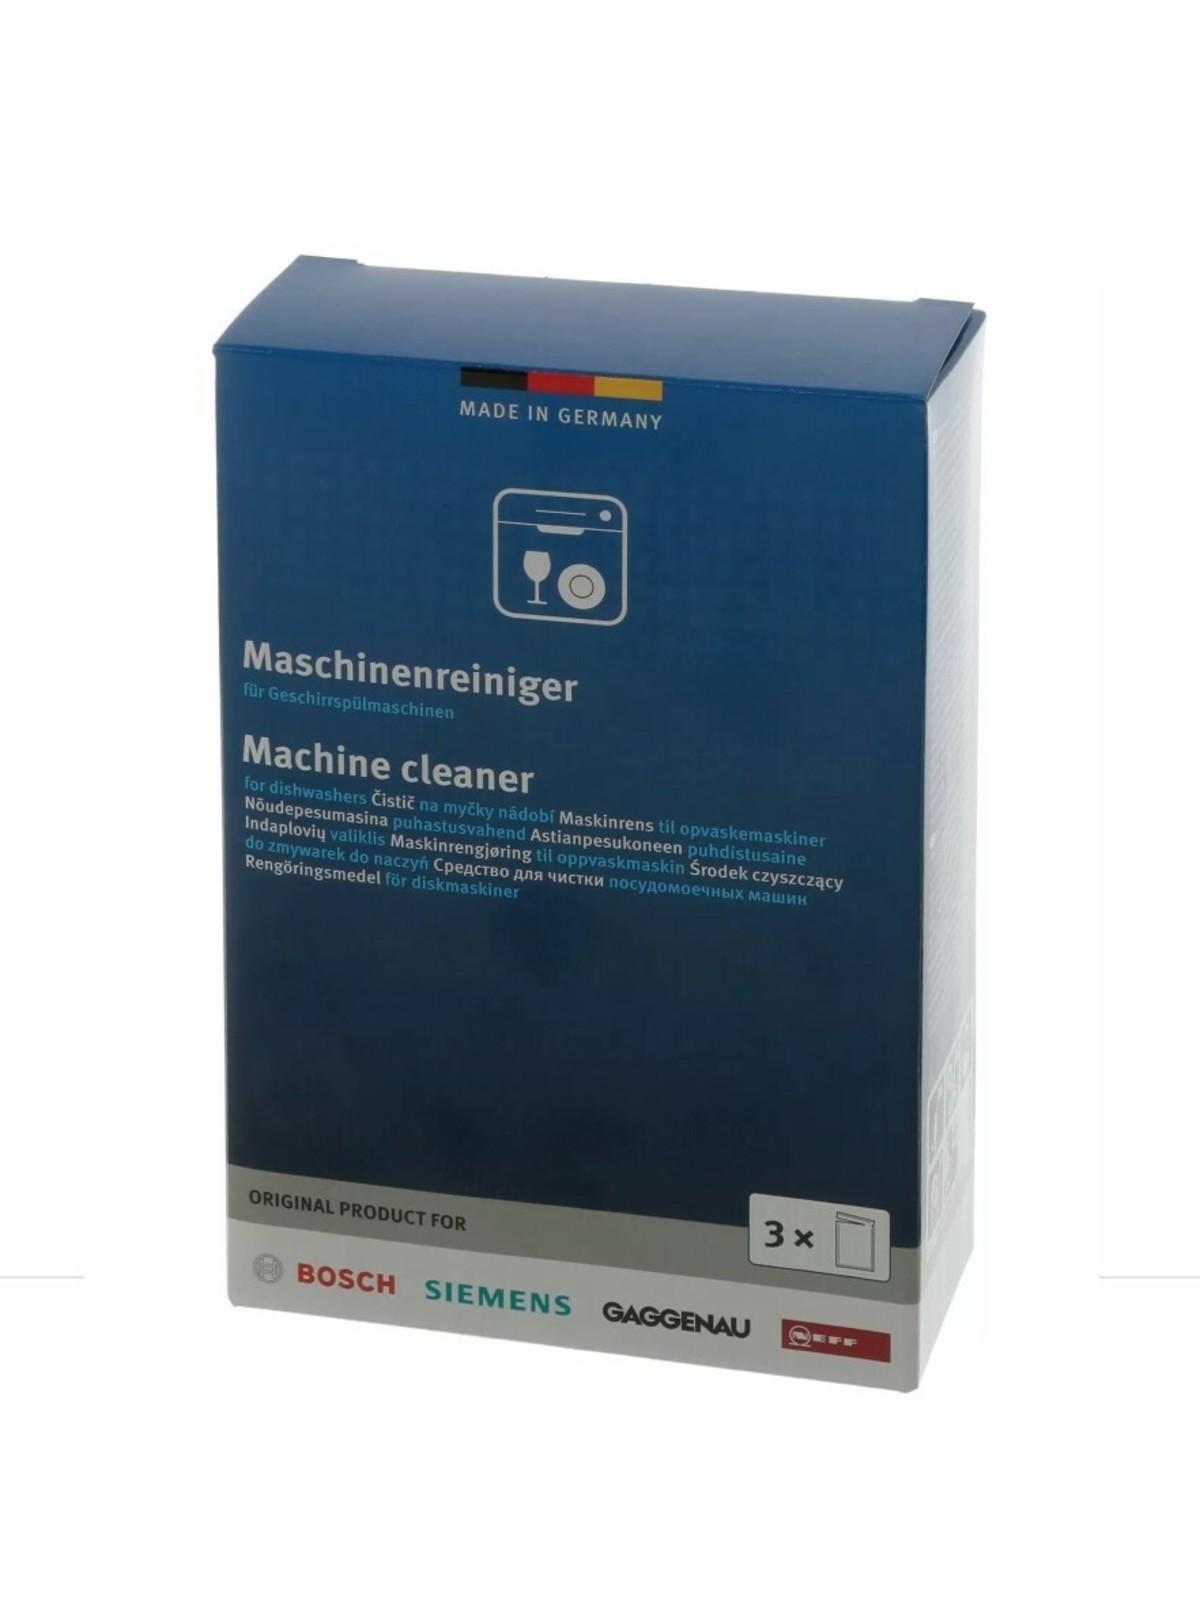 SIEMENS - BOSCH Krachtige Reiniger voor Vaatwasmachine